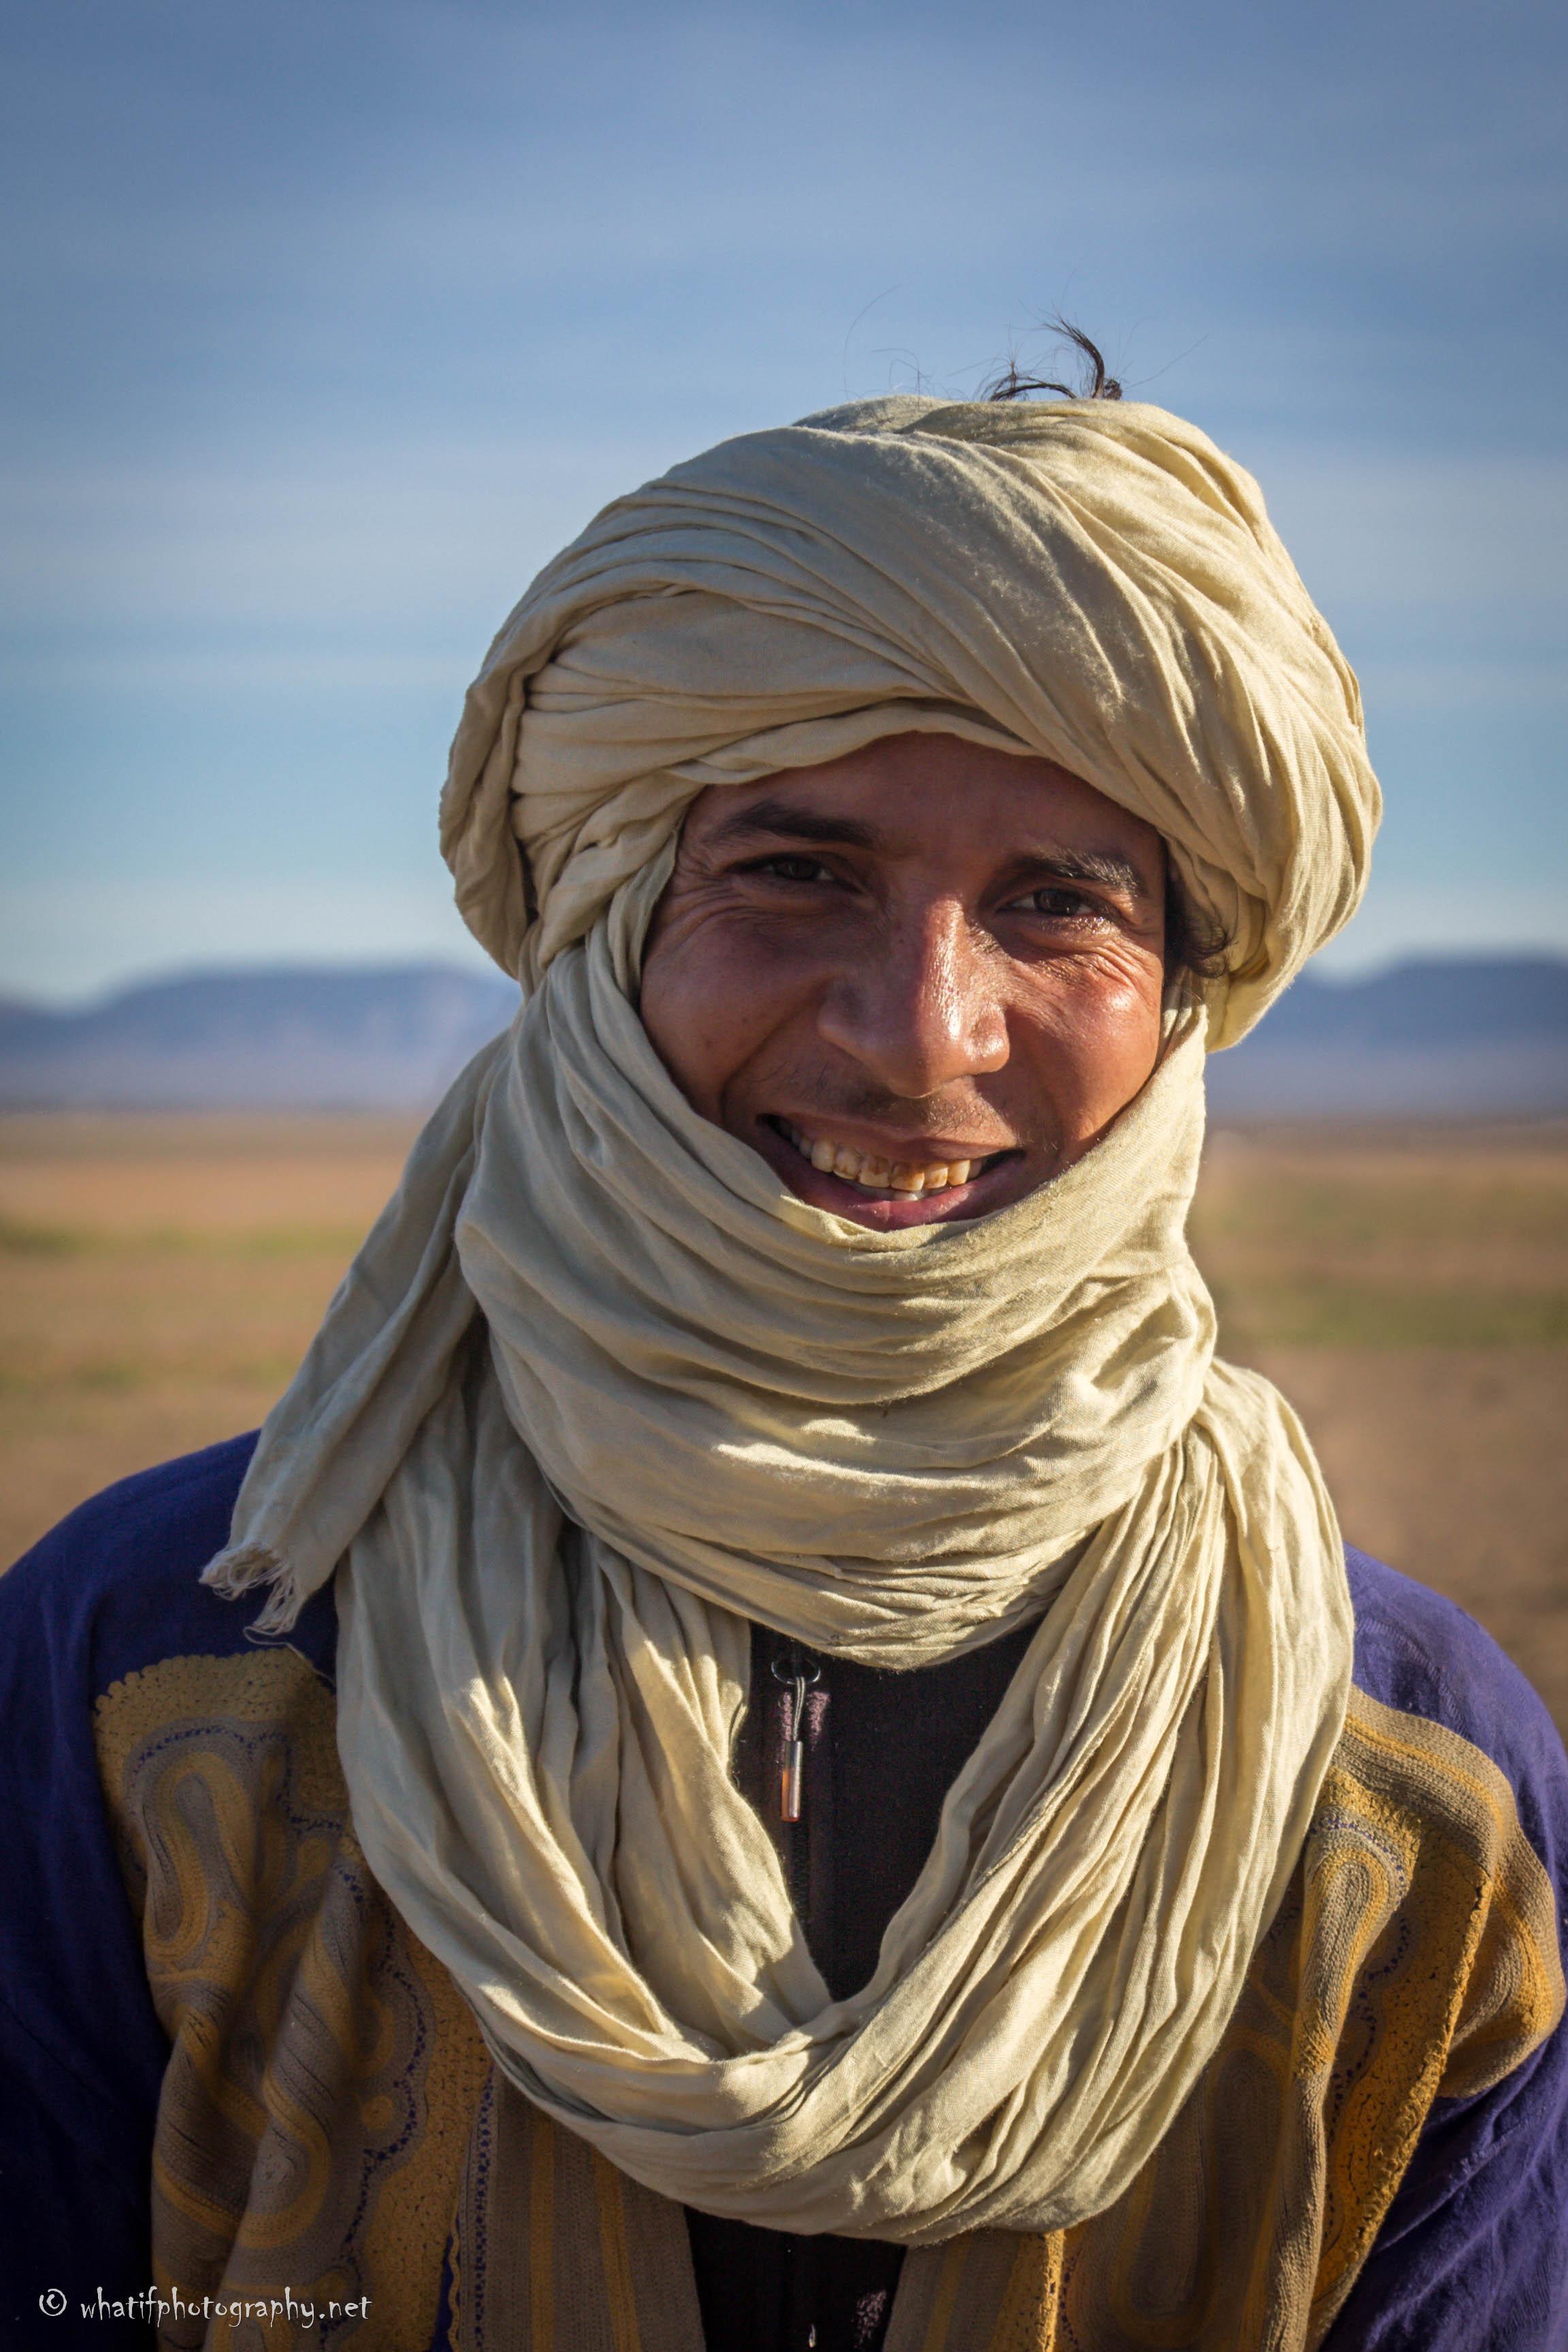 Smiling Berber in the desert